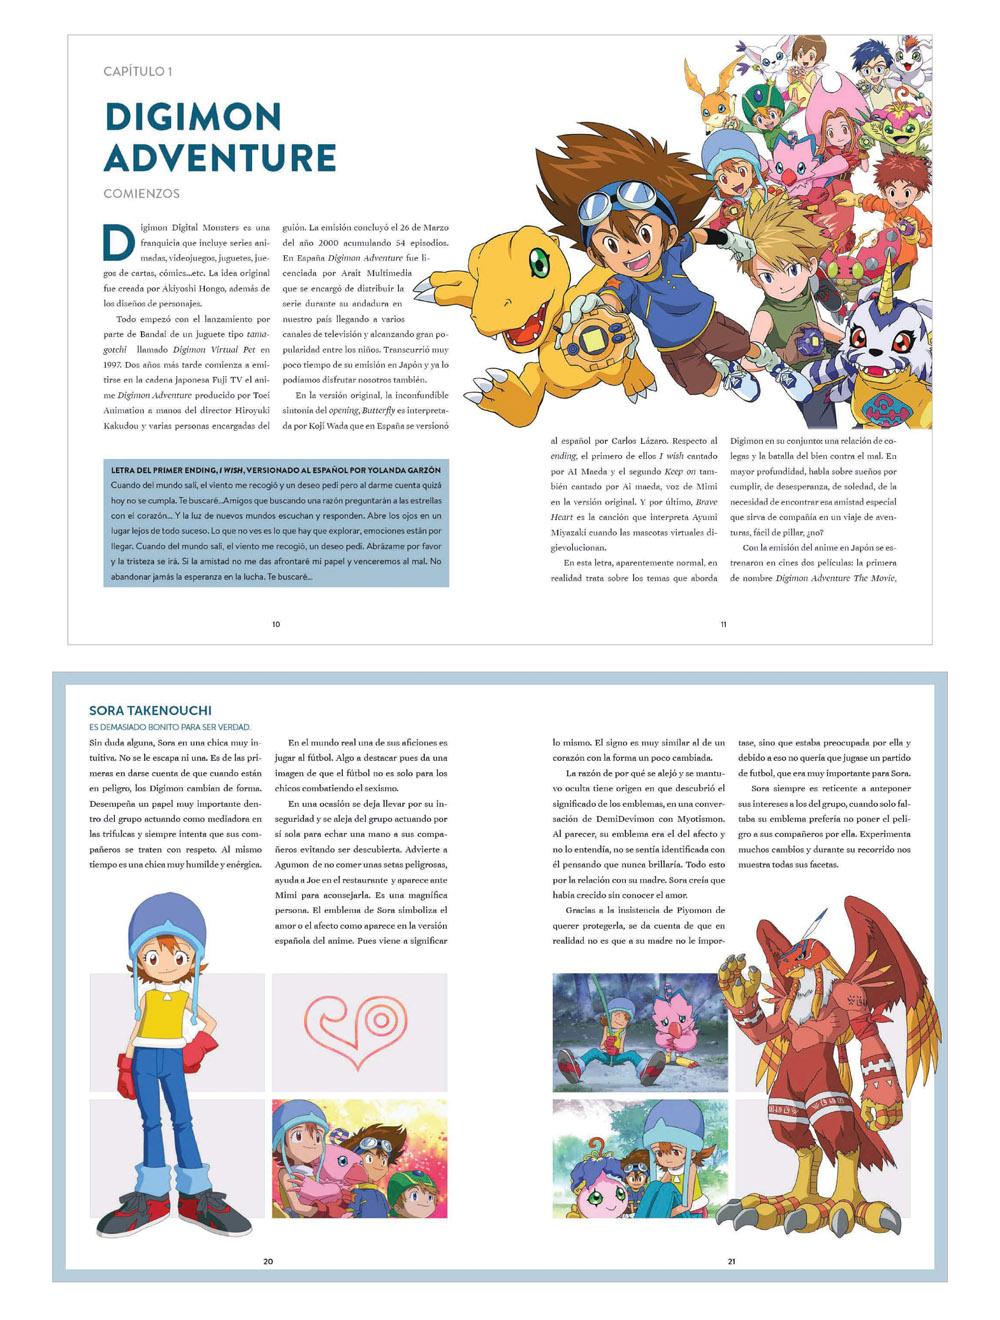 di-bolo-magazine-002.jpg